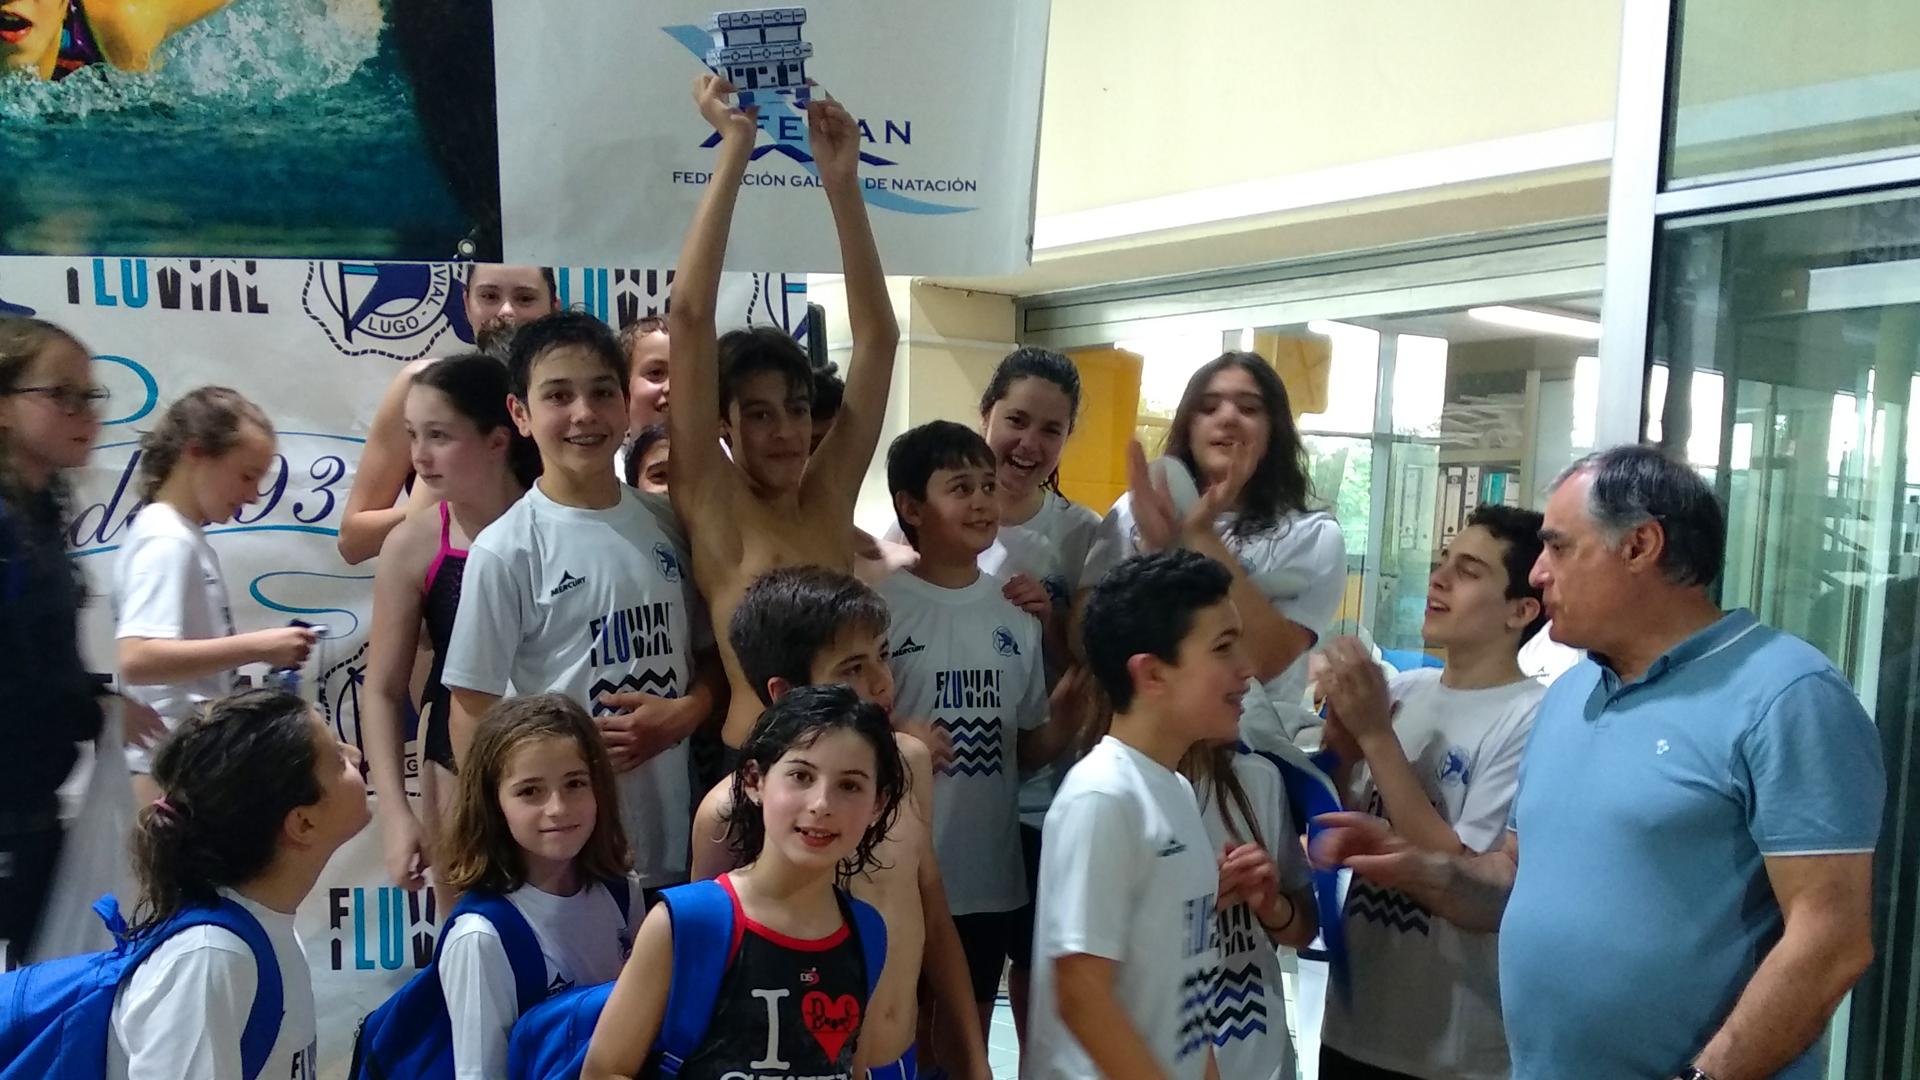 El fluvial logra el tercer puesto en la clasificación por clubes en el Cidade de Lugo de Natación